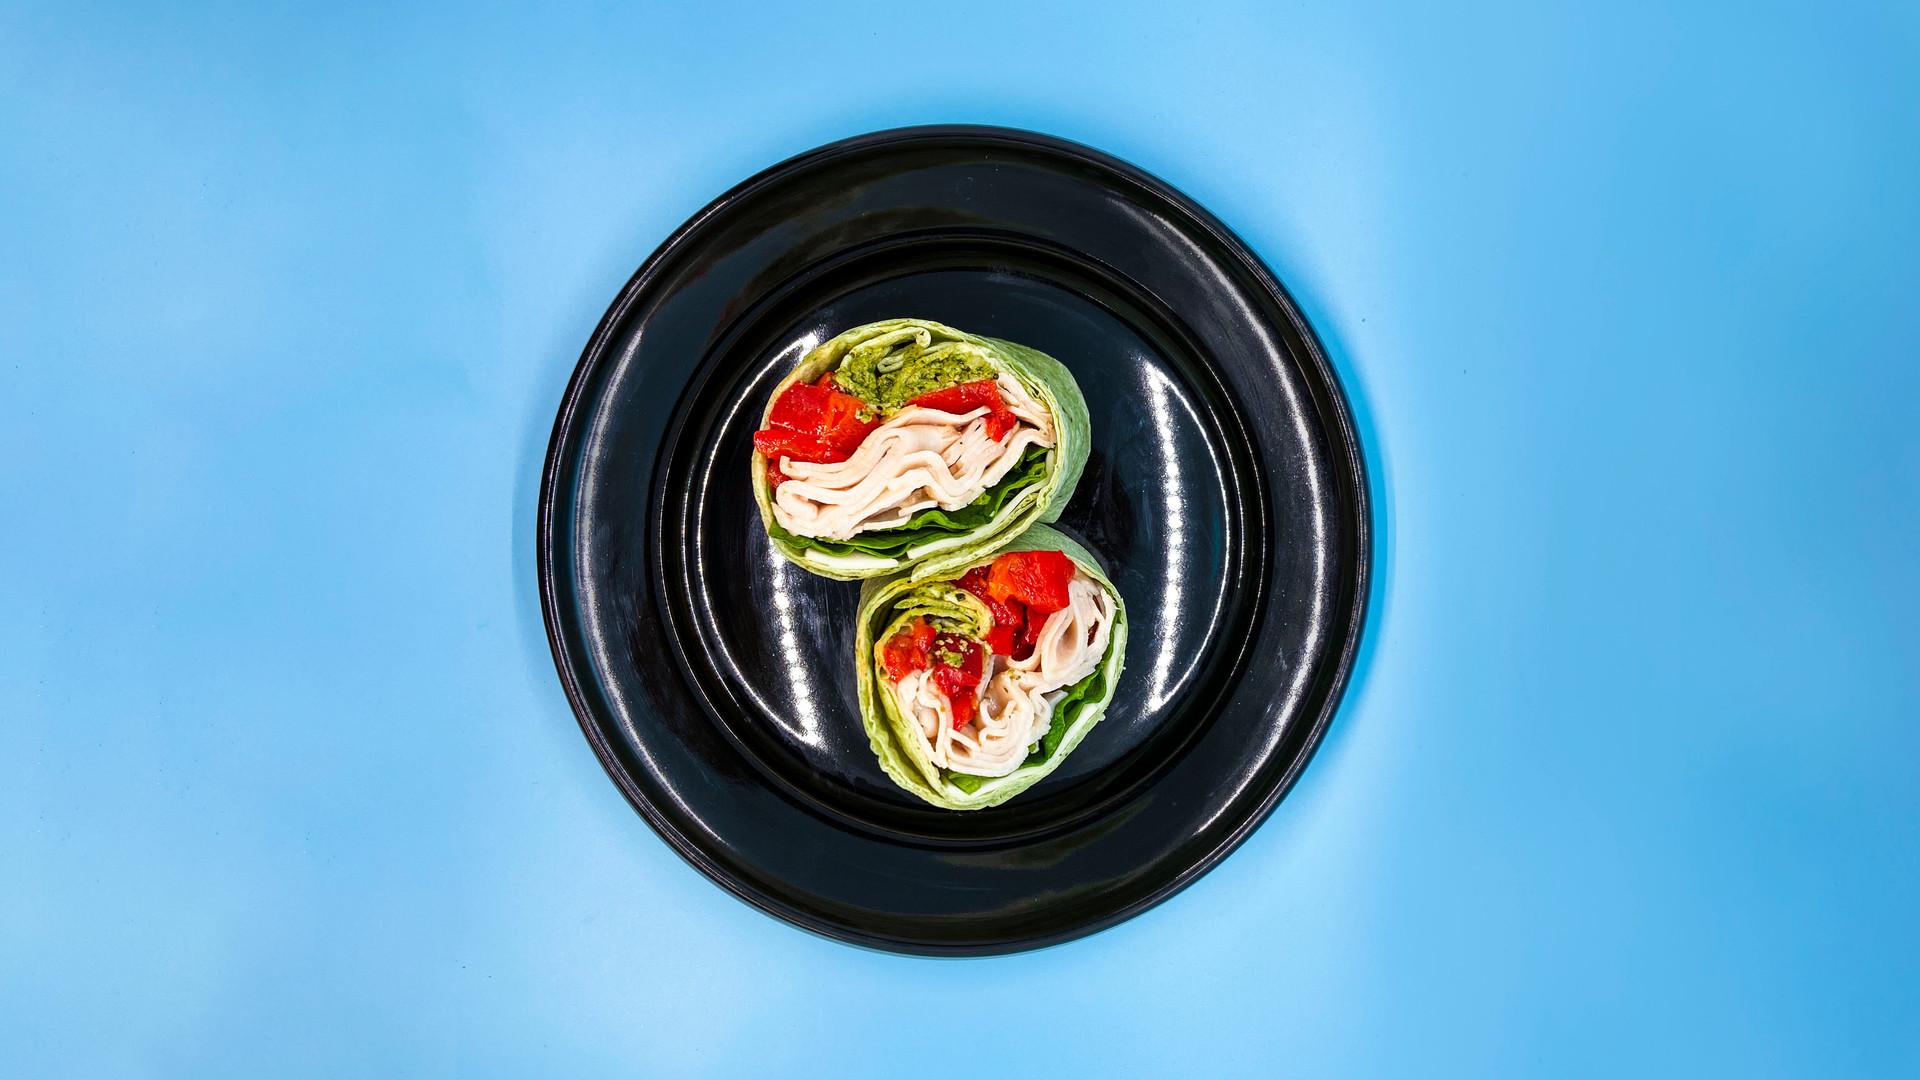 TurkeyPestoWrap_plate-overhead-blue.jpg